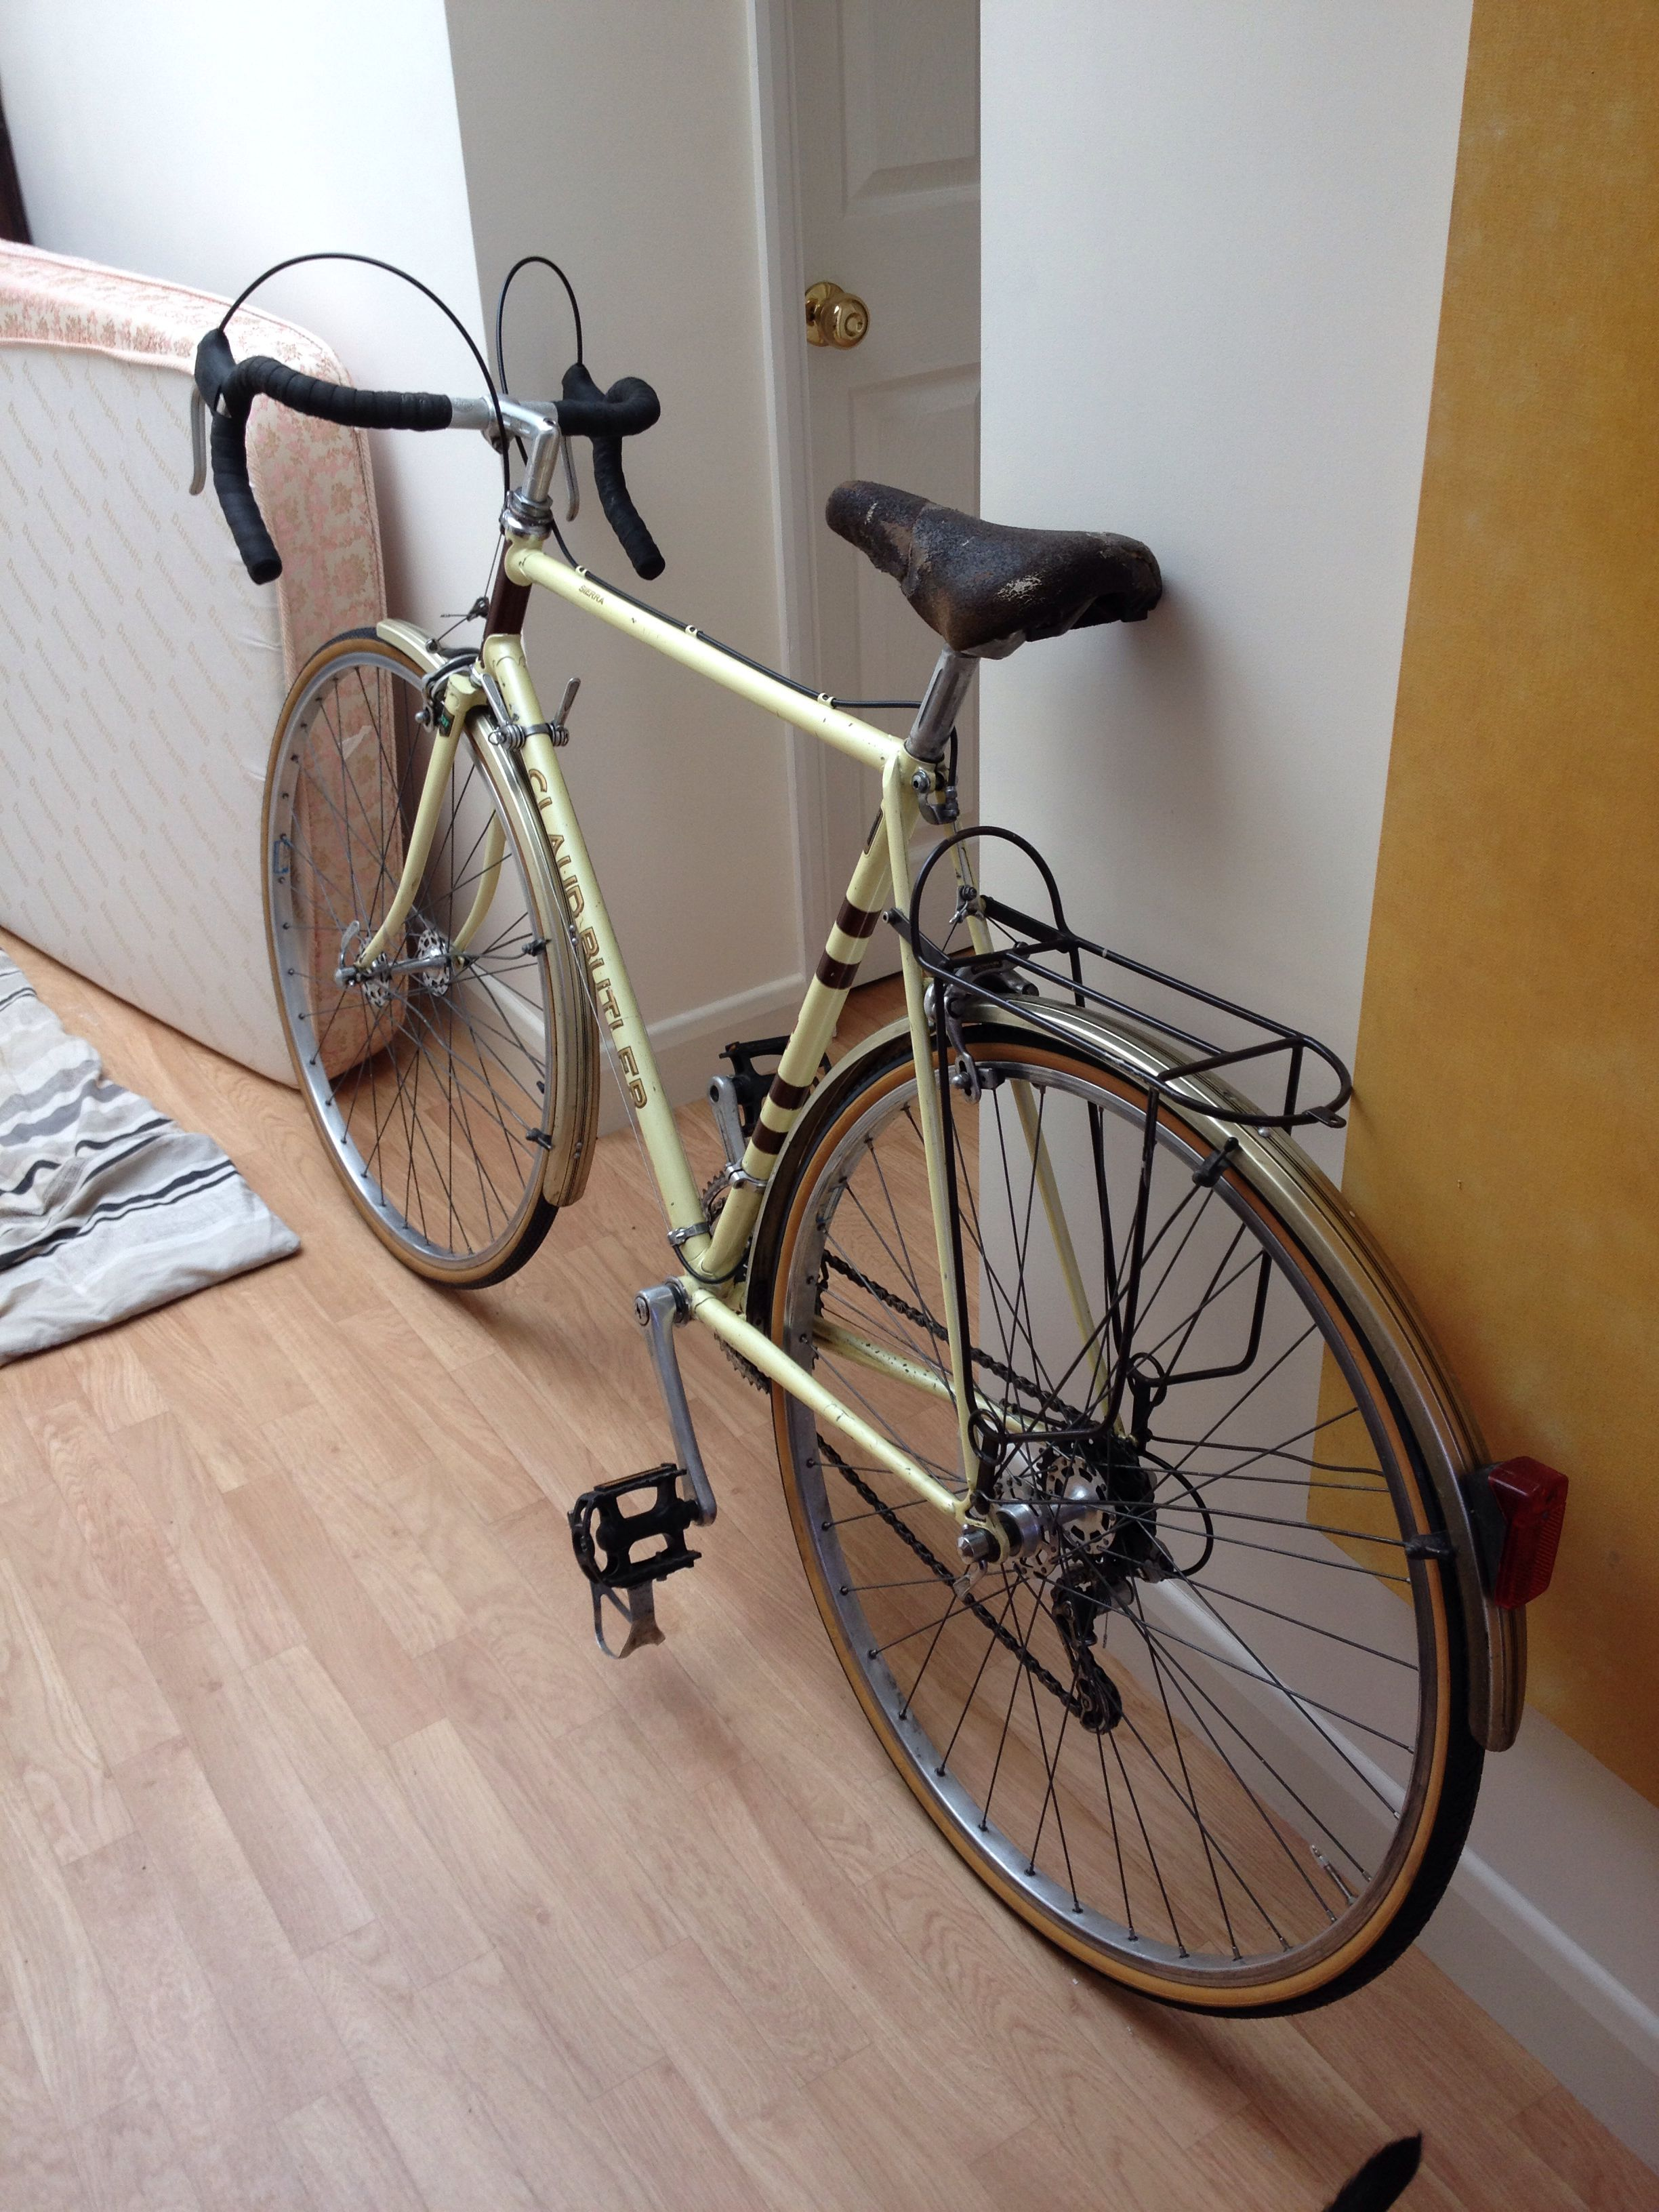 1983 Claud Butler Sierra Bicycle Bike Road Bikes